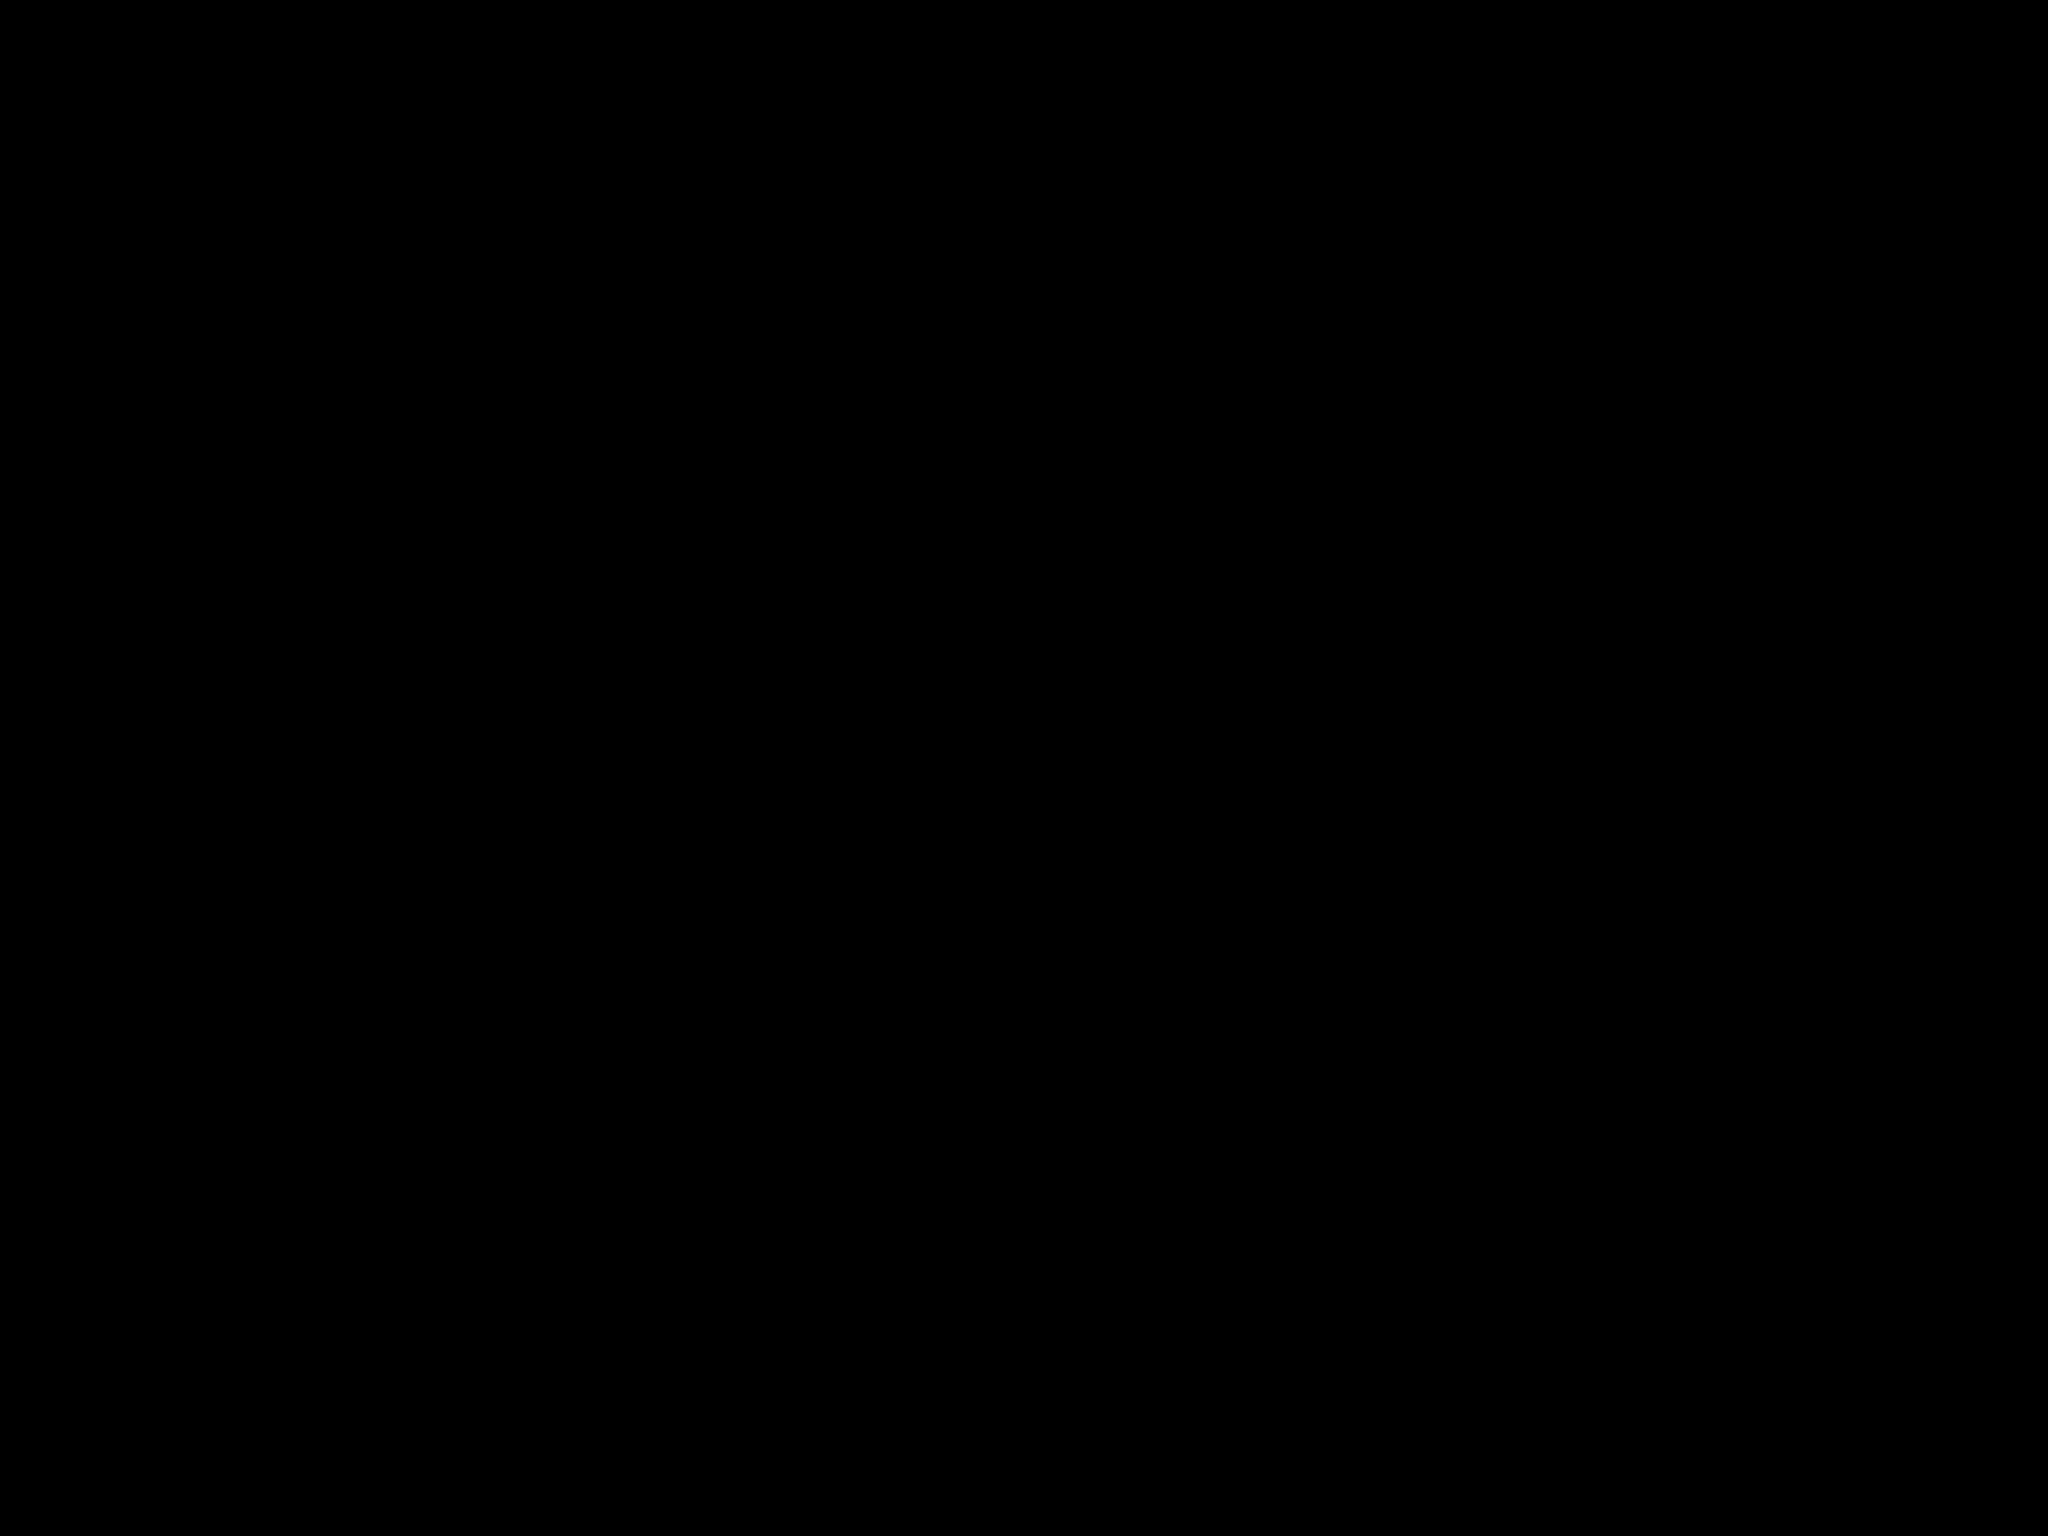 リアル エコノミー 北海道